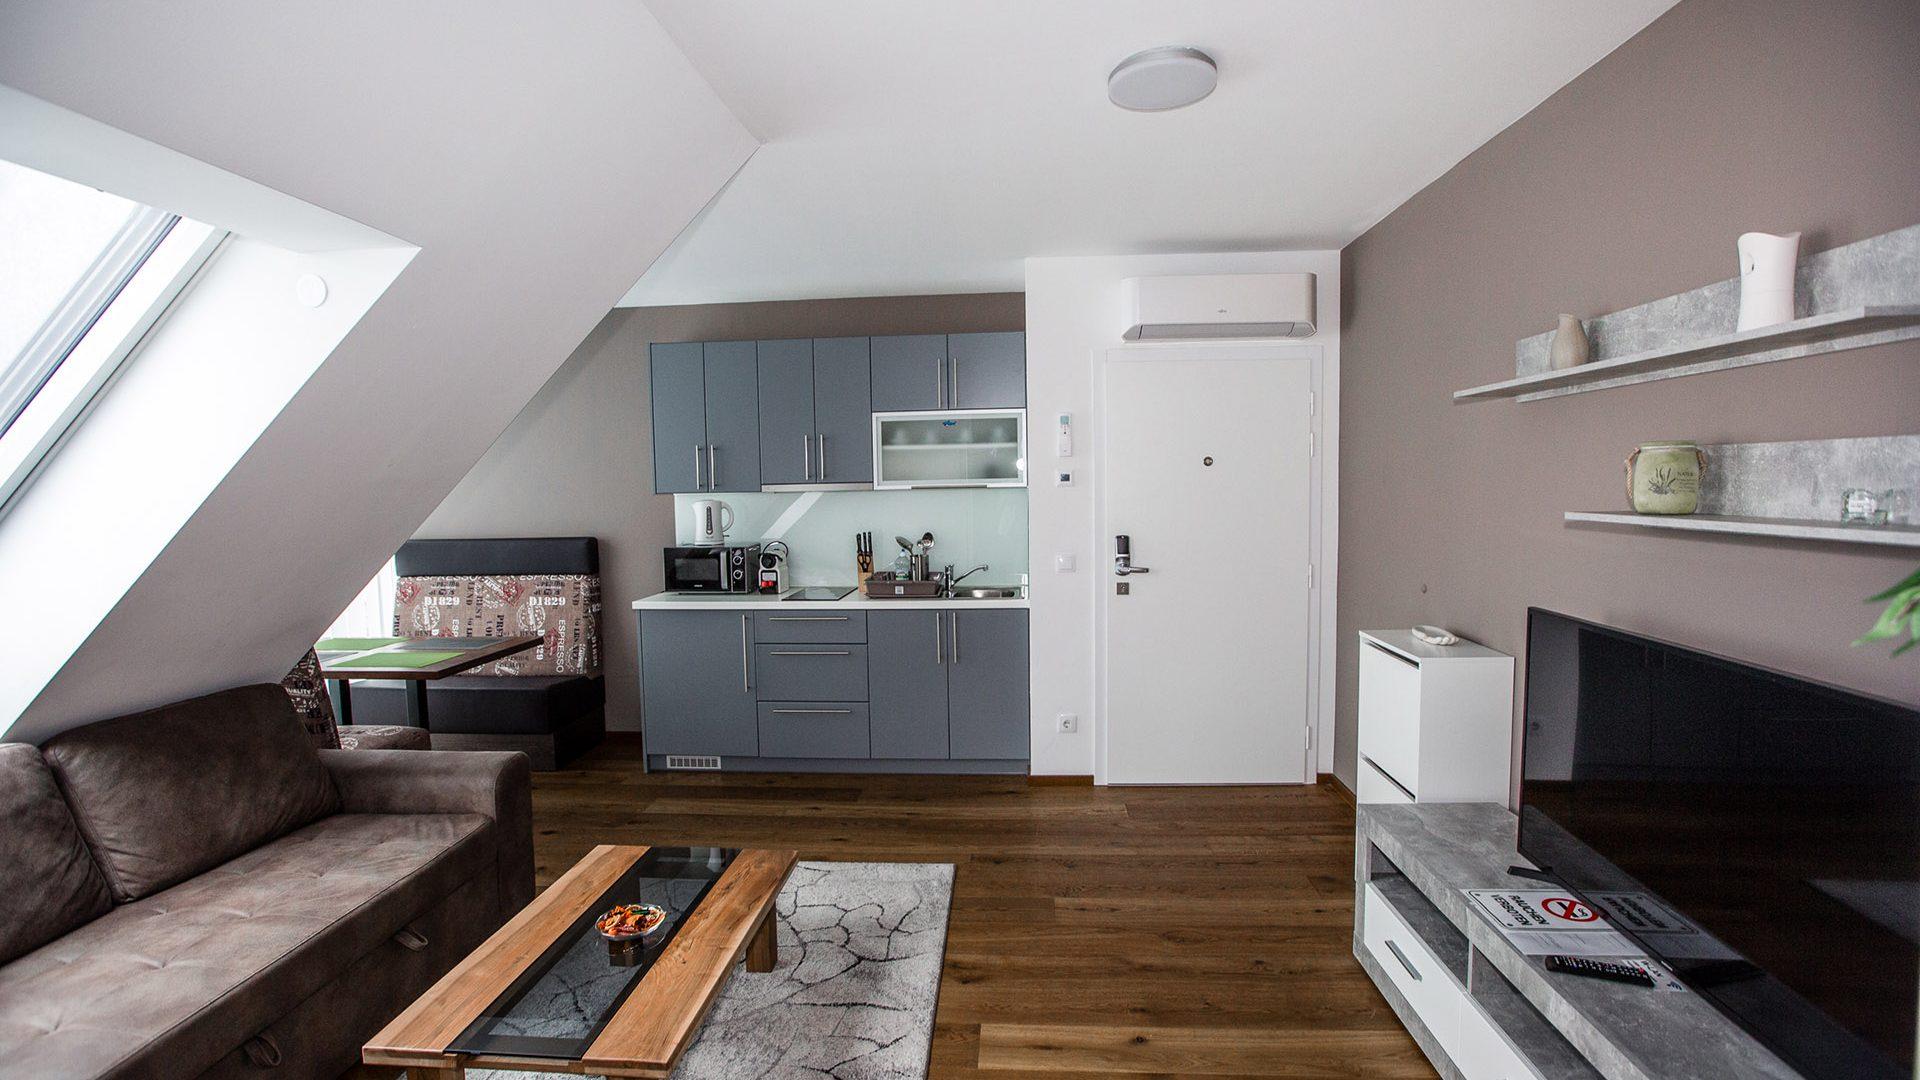 waehringer guertel 4 top 20 apartments vienna flarent 4